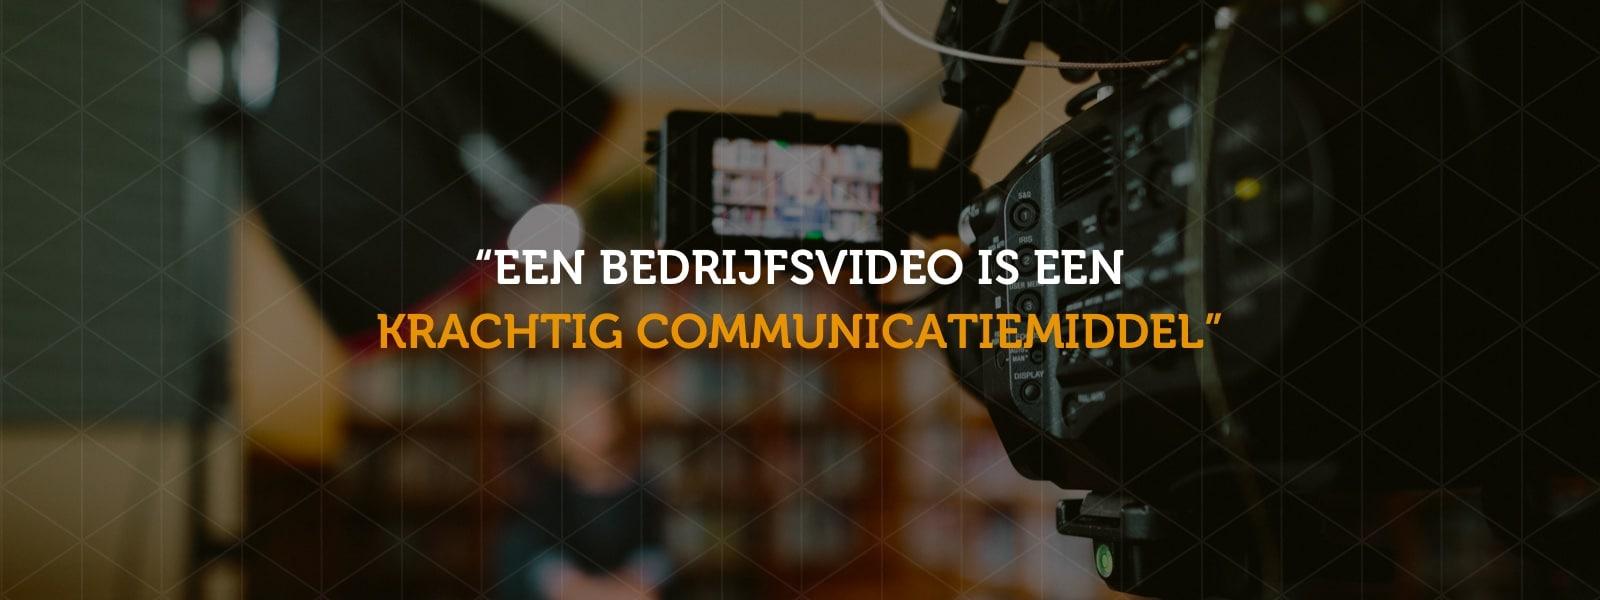 Een bedrijfsvideo is een krachtig communicatiemiddel